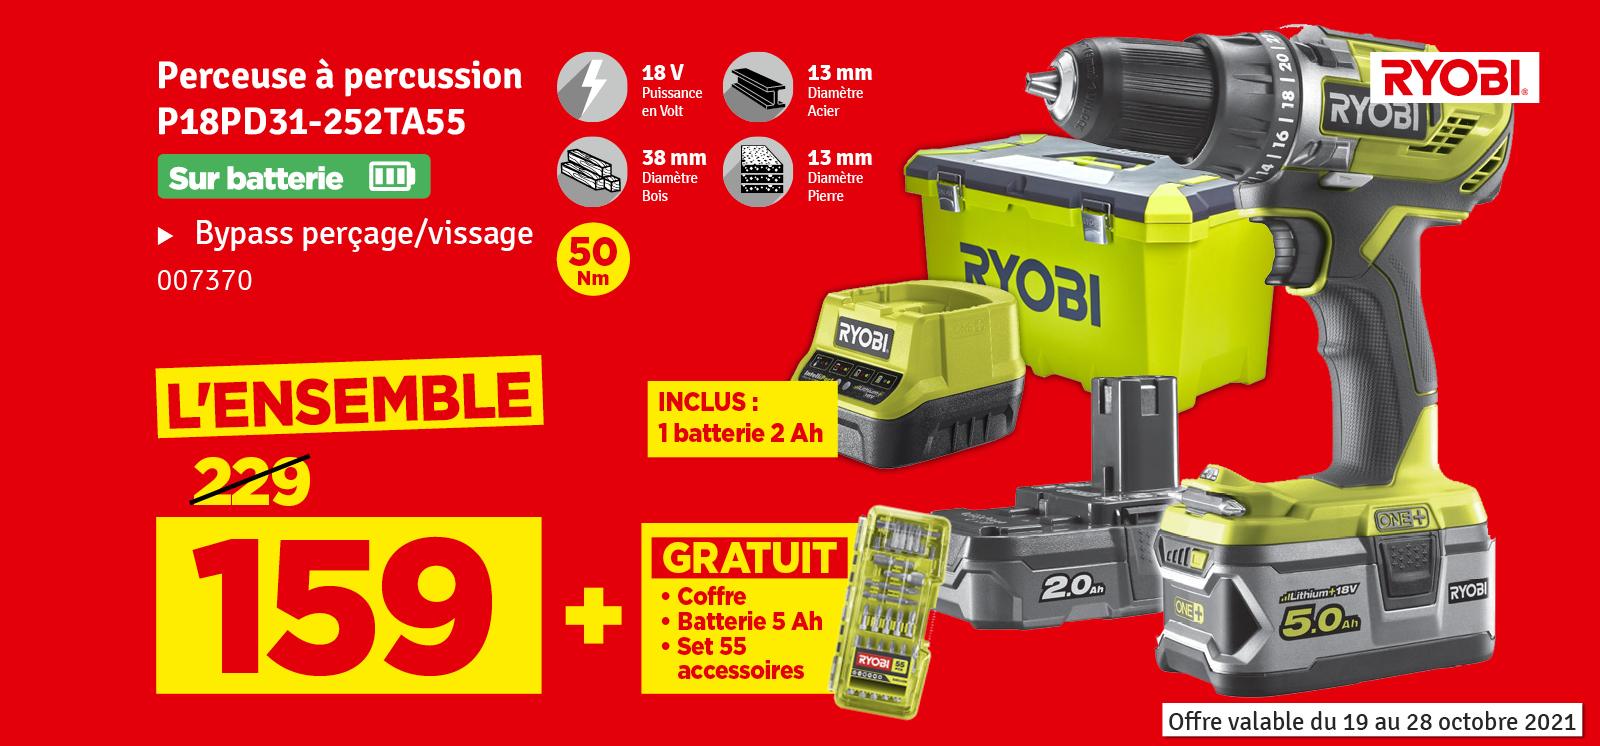 Promo - Perceuse à percussion sur batterie R18PD31-252TA55 18 V RYOBI